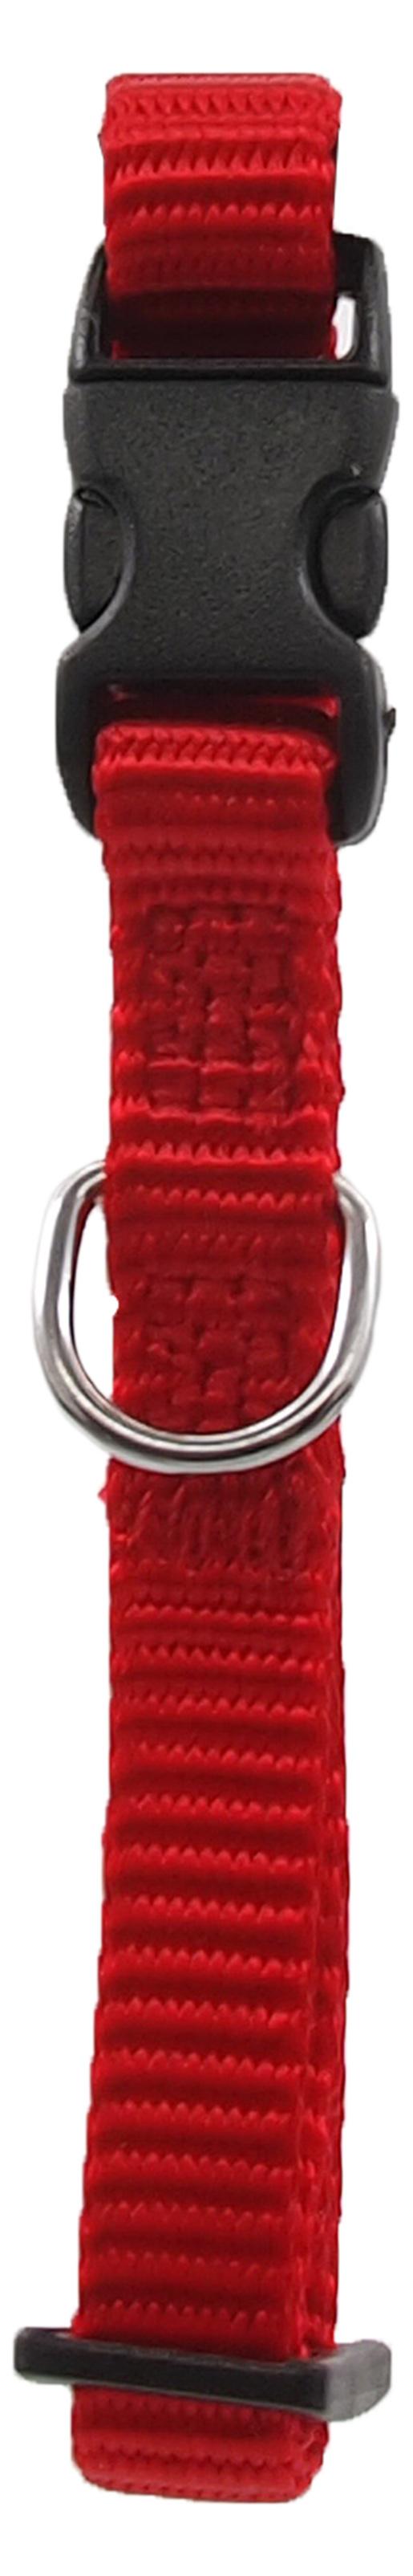 Ошейник - Нейлон, XS, цвет – красный